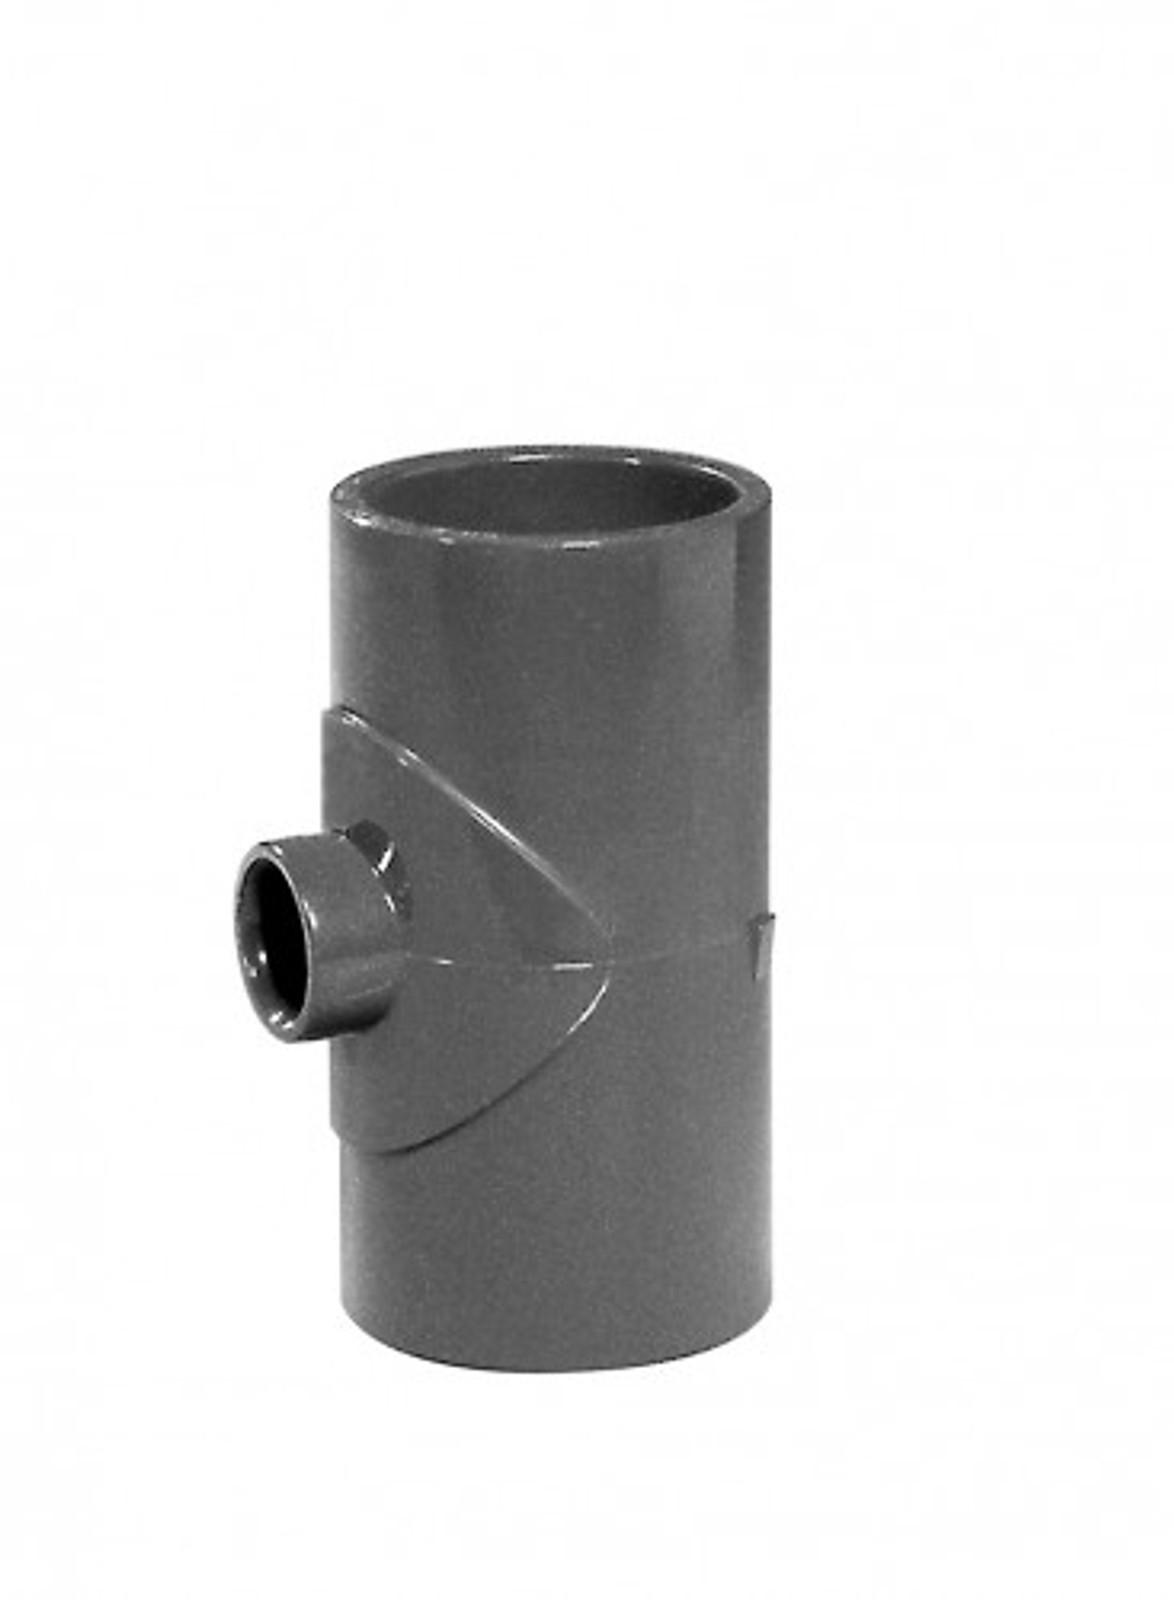 T-Stück 90° reduziert 63 x 32 x 63 mm aus PVC